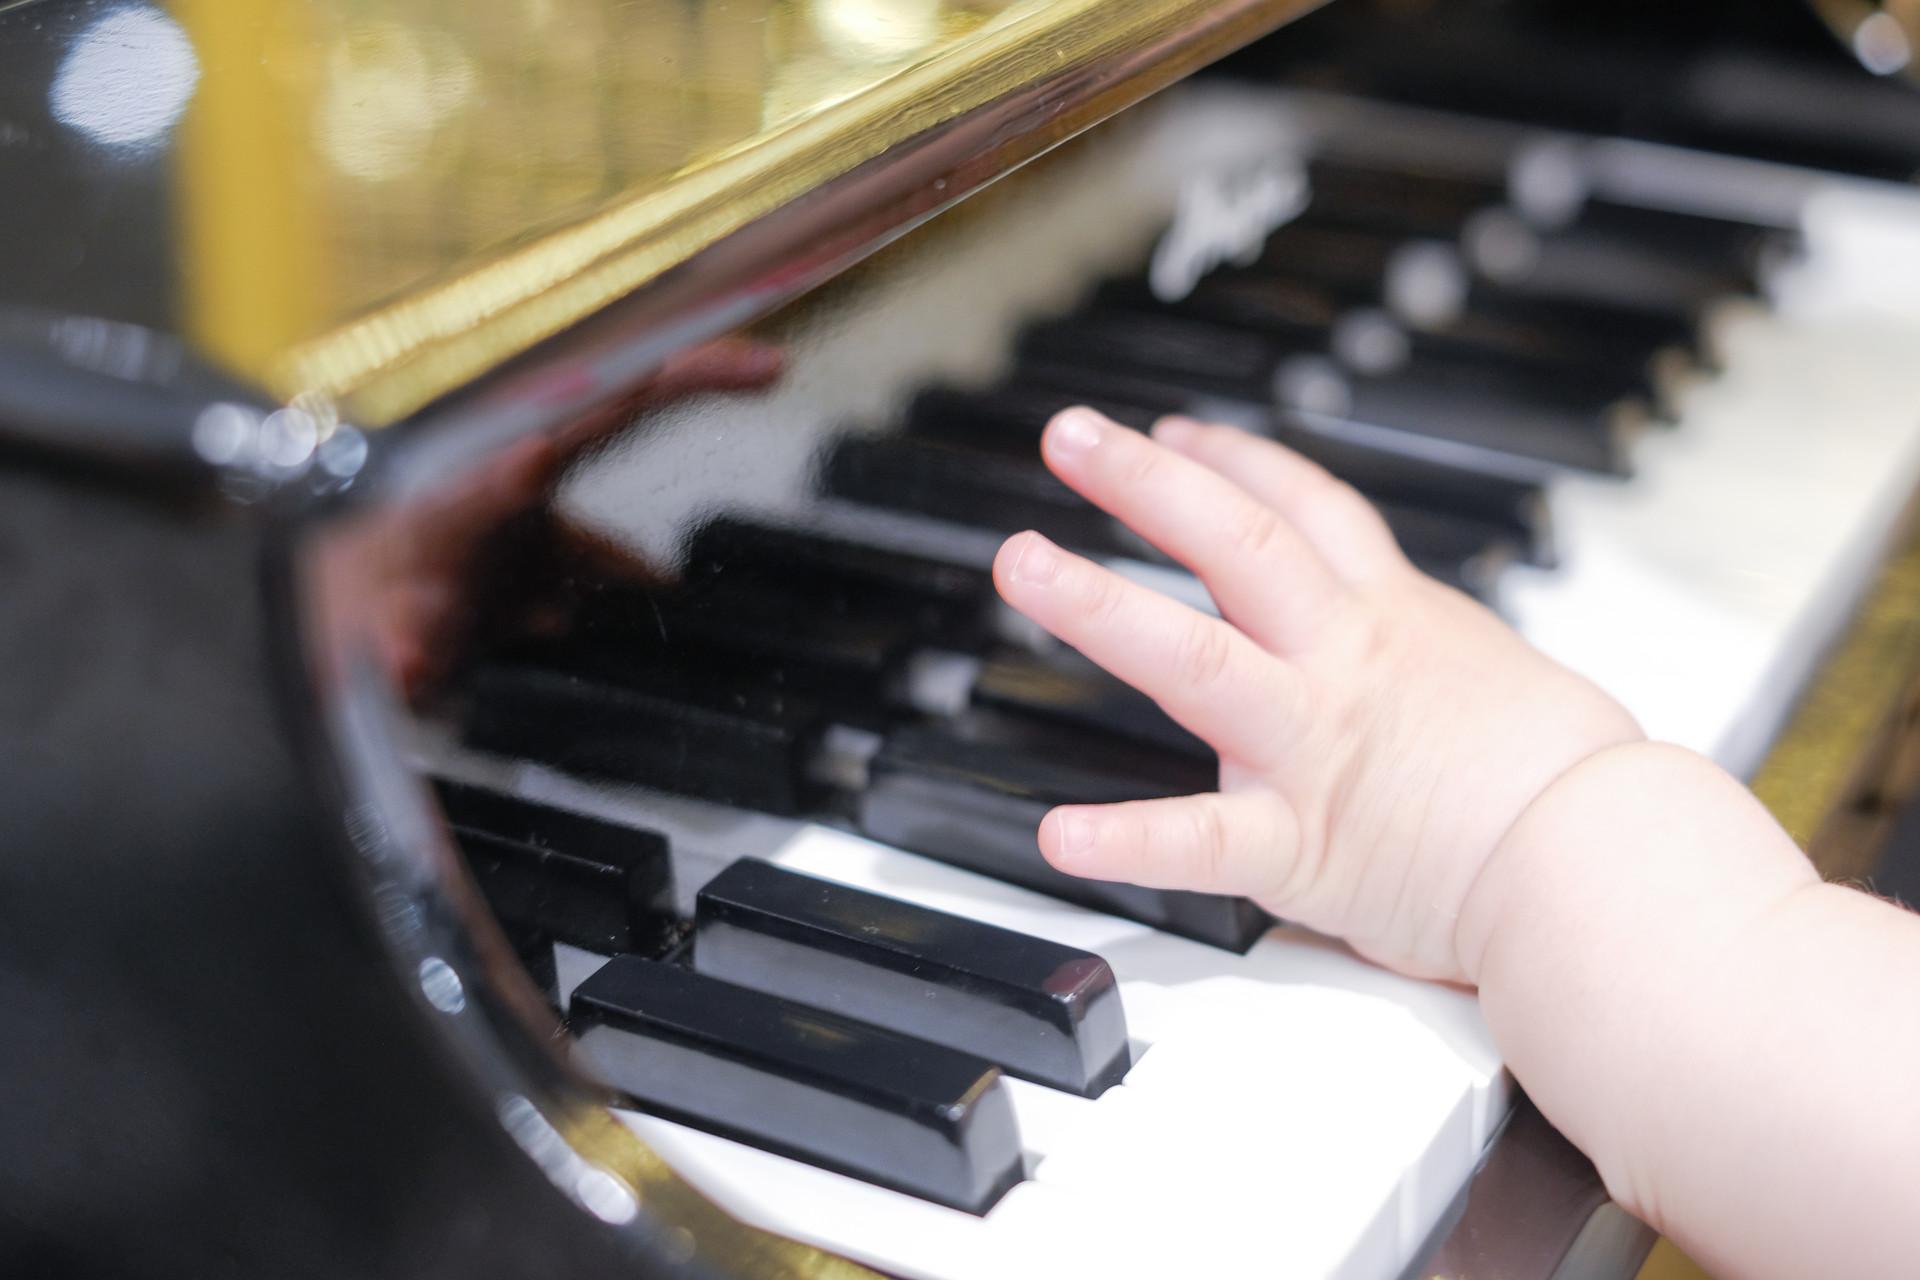 宝宝手指脱皮,除了缺少维生素,还有可能是这些原因!